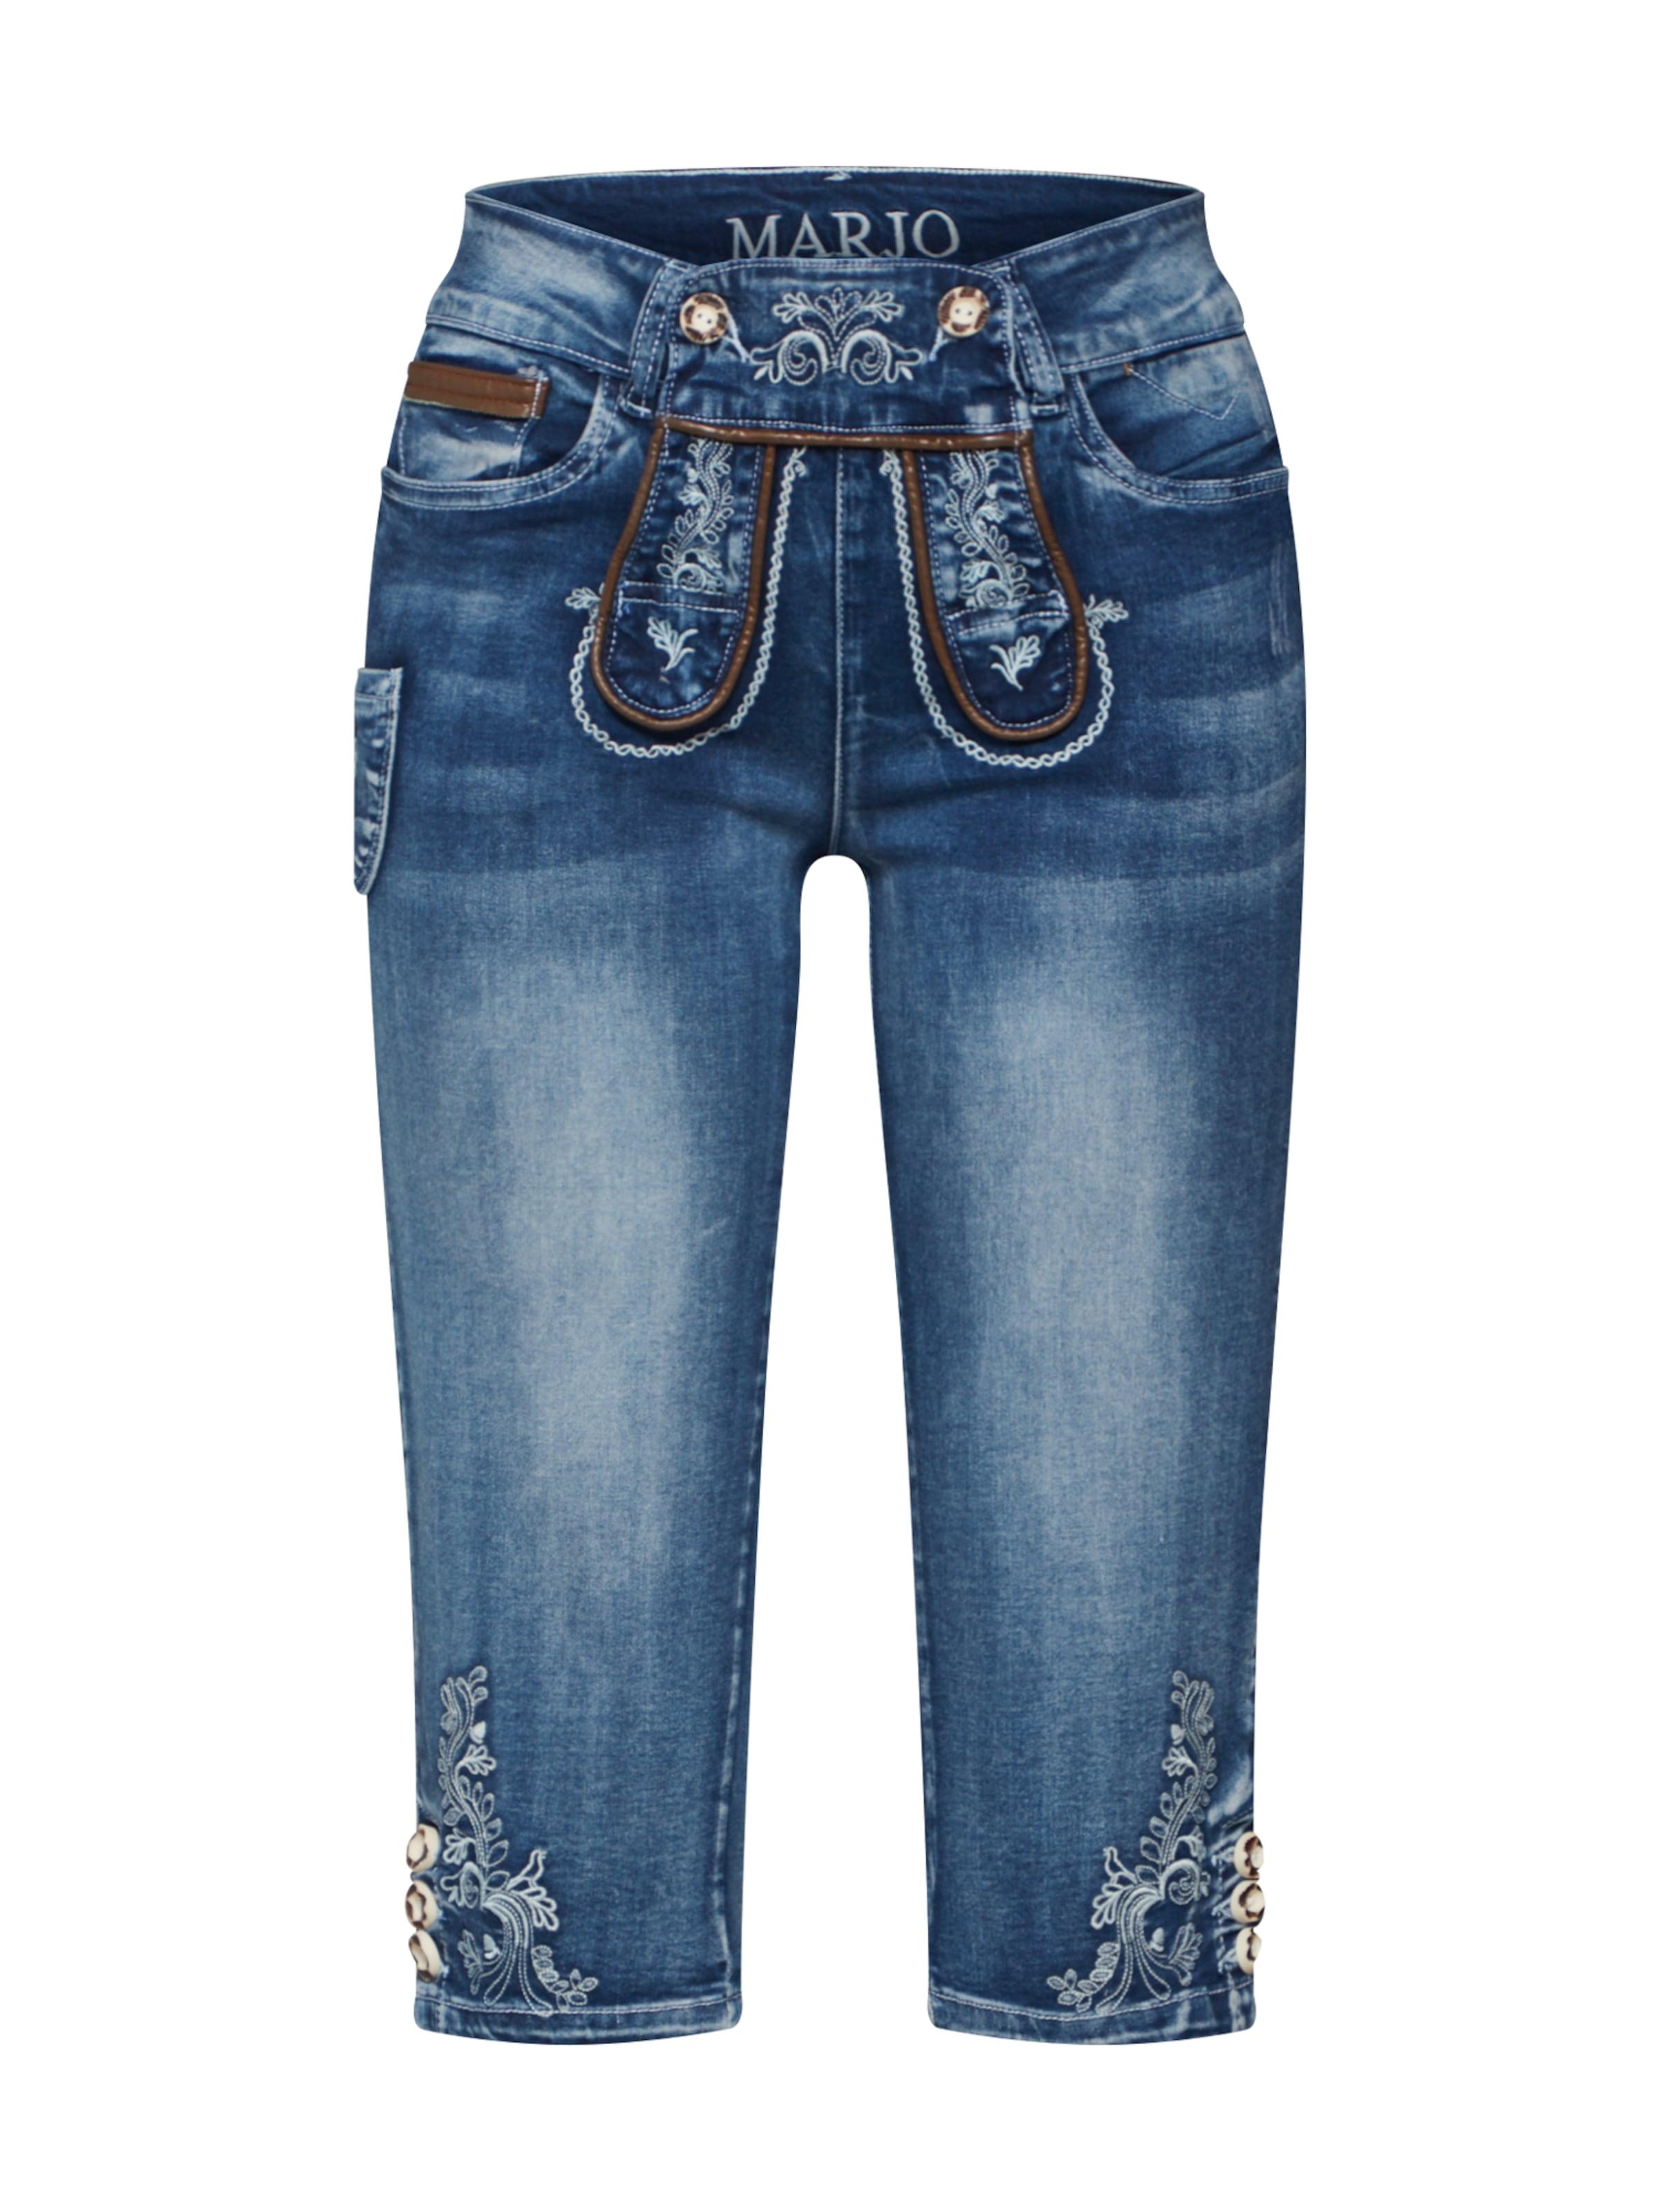 Blau Marjo Jeans Marjo 'franziska' 'franziska' In In Jeans lFKu13TJc